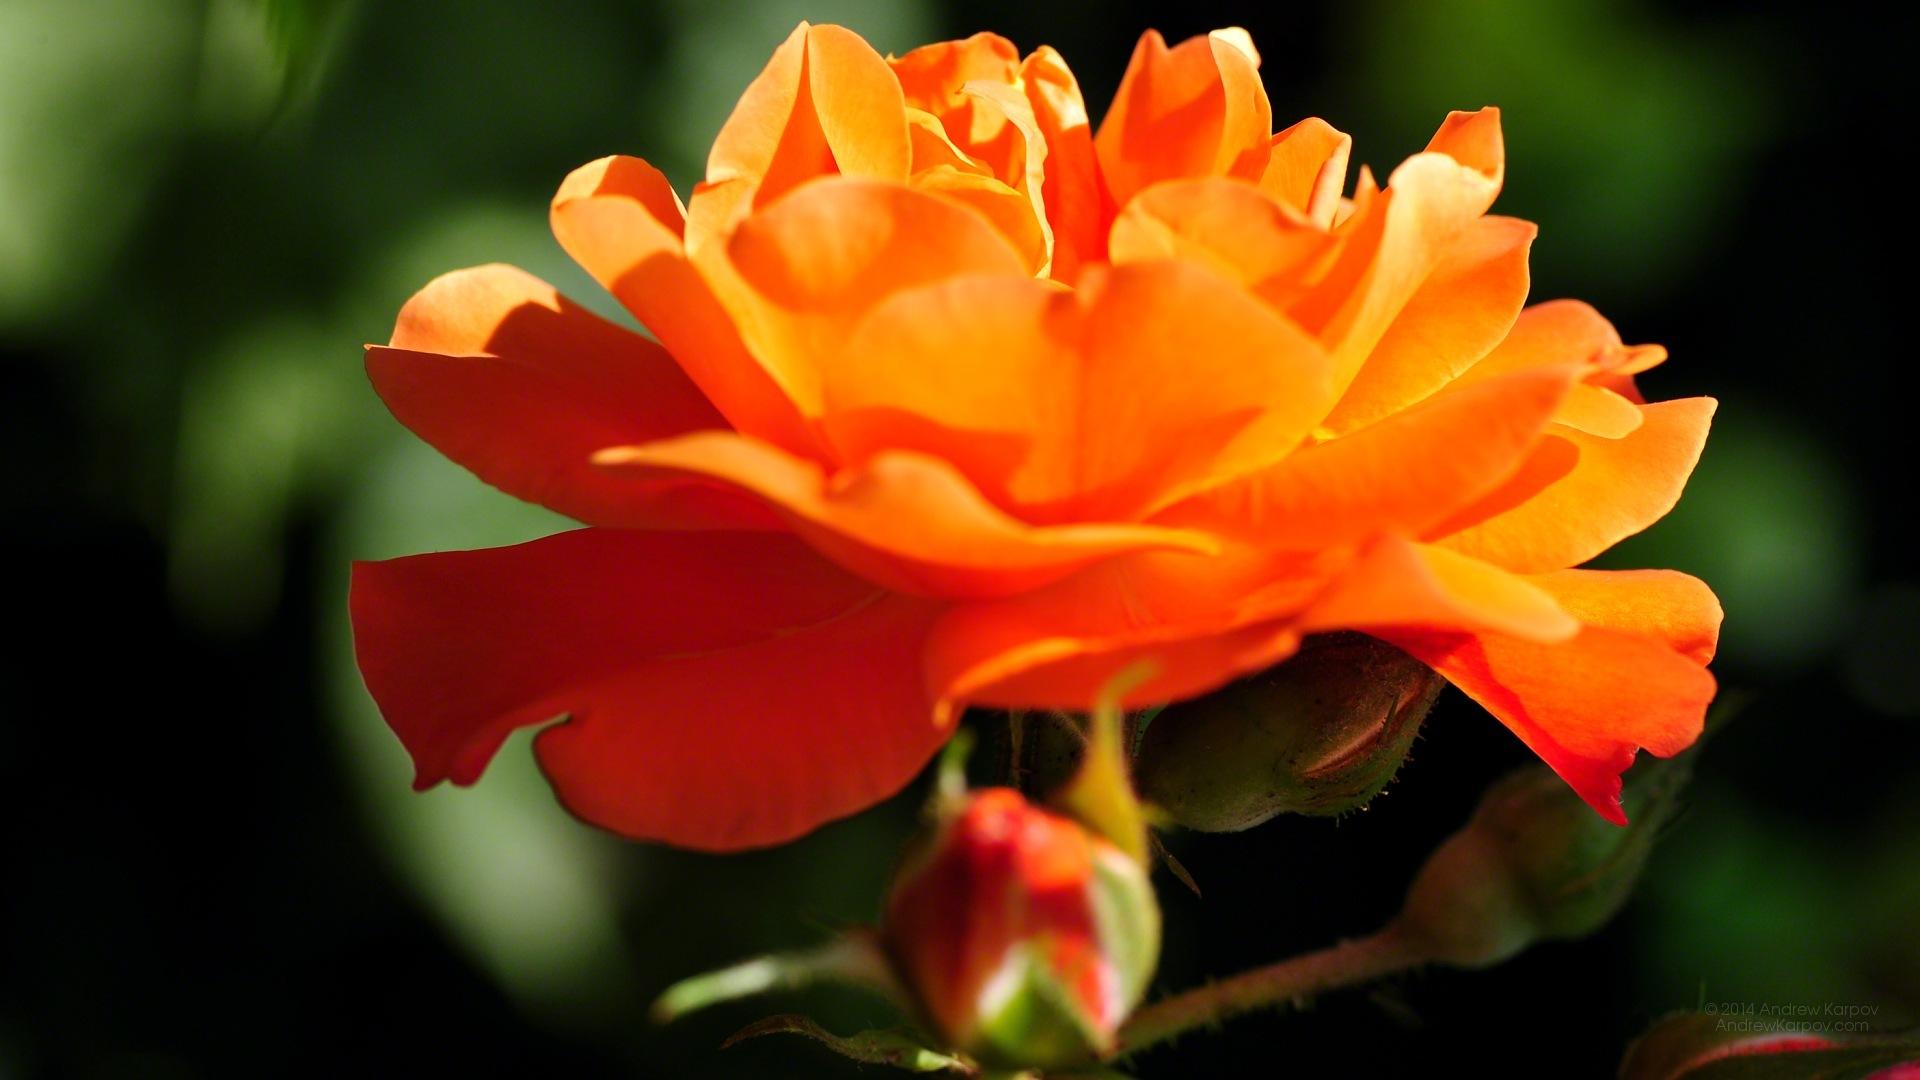 belle fleur rose fond d écran x. fonds d écran gratuits